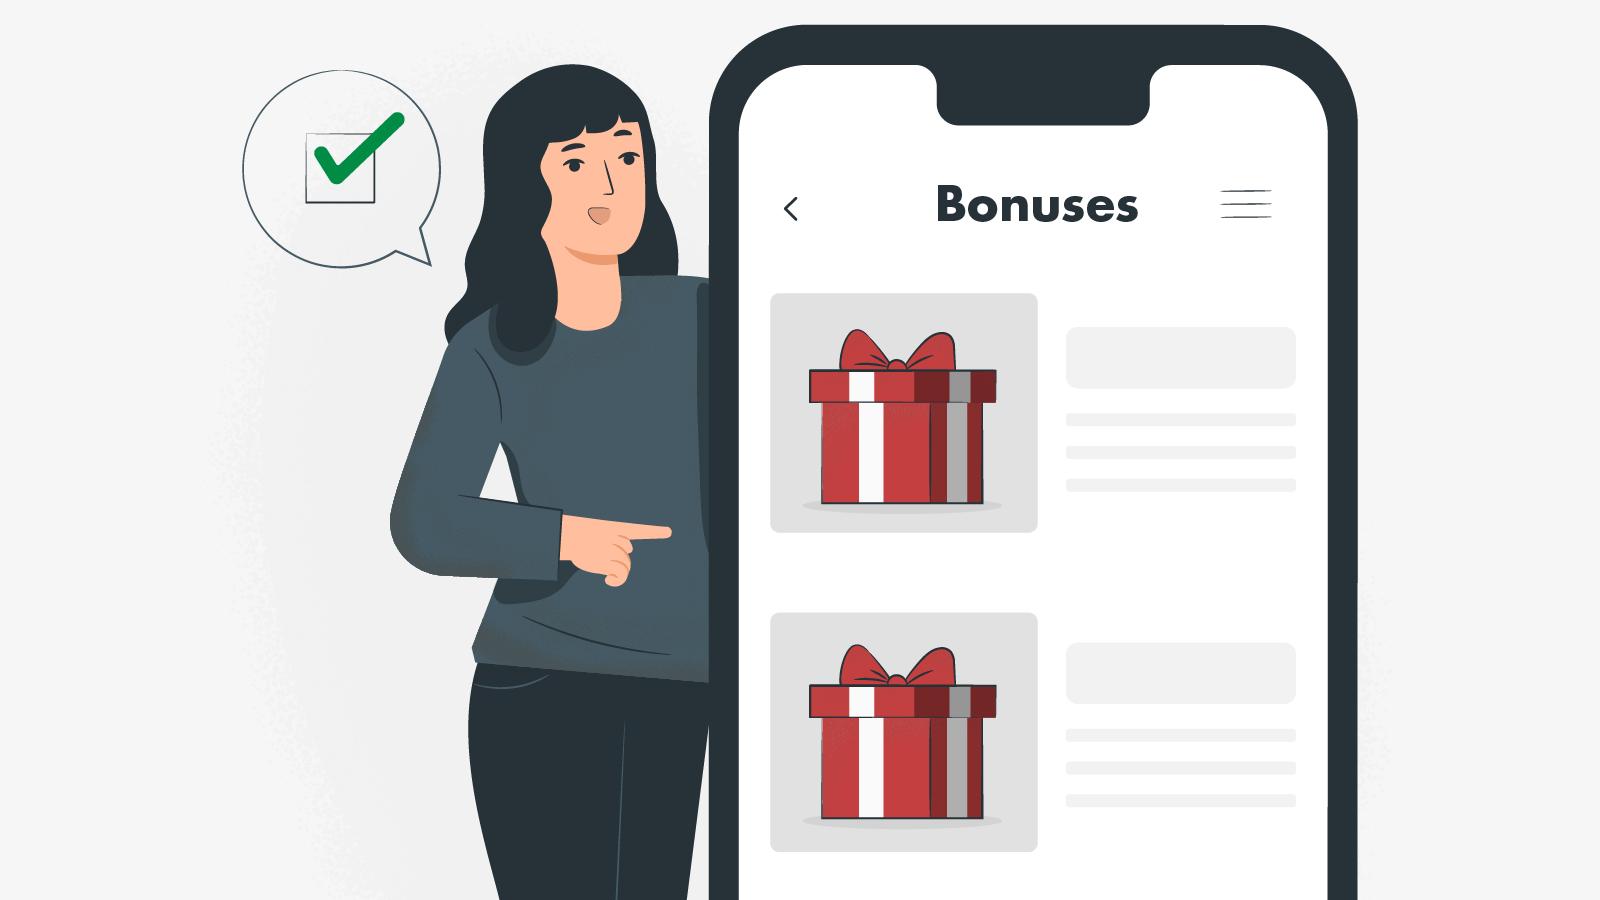 Can you claim the bonuses on mobile